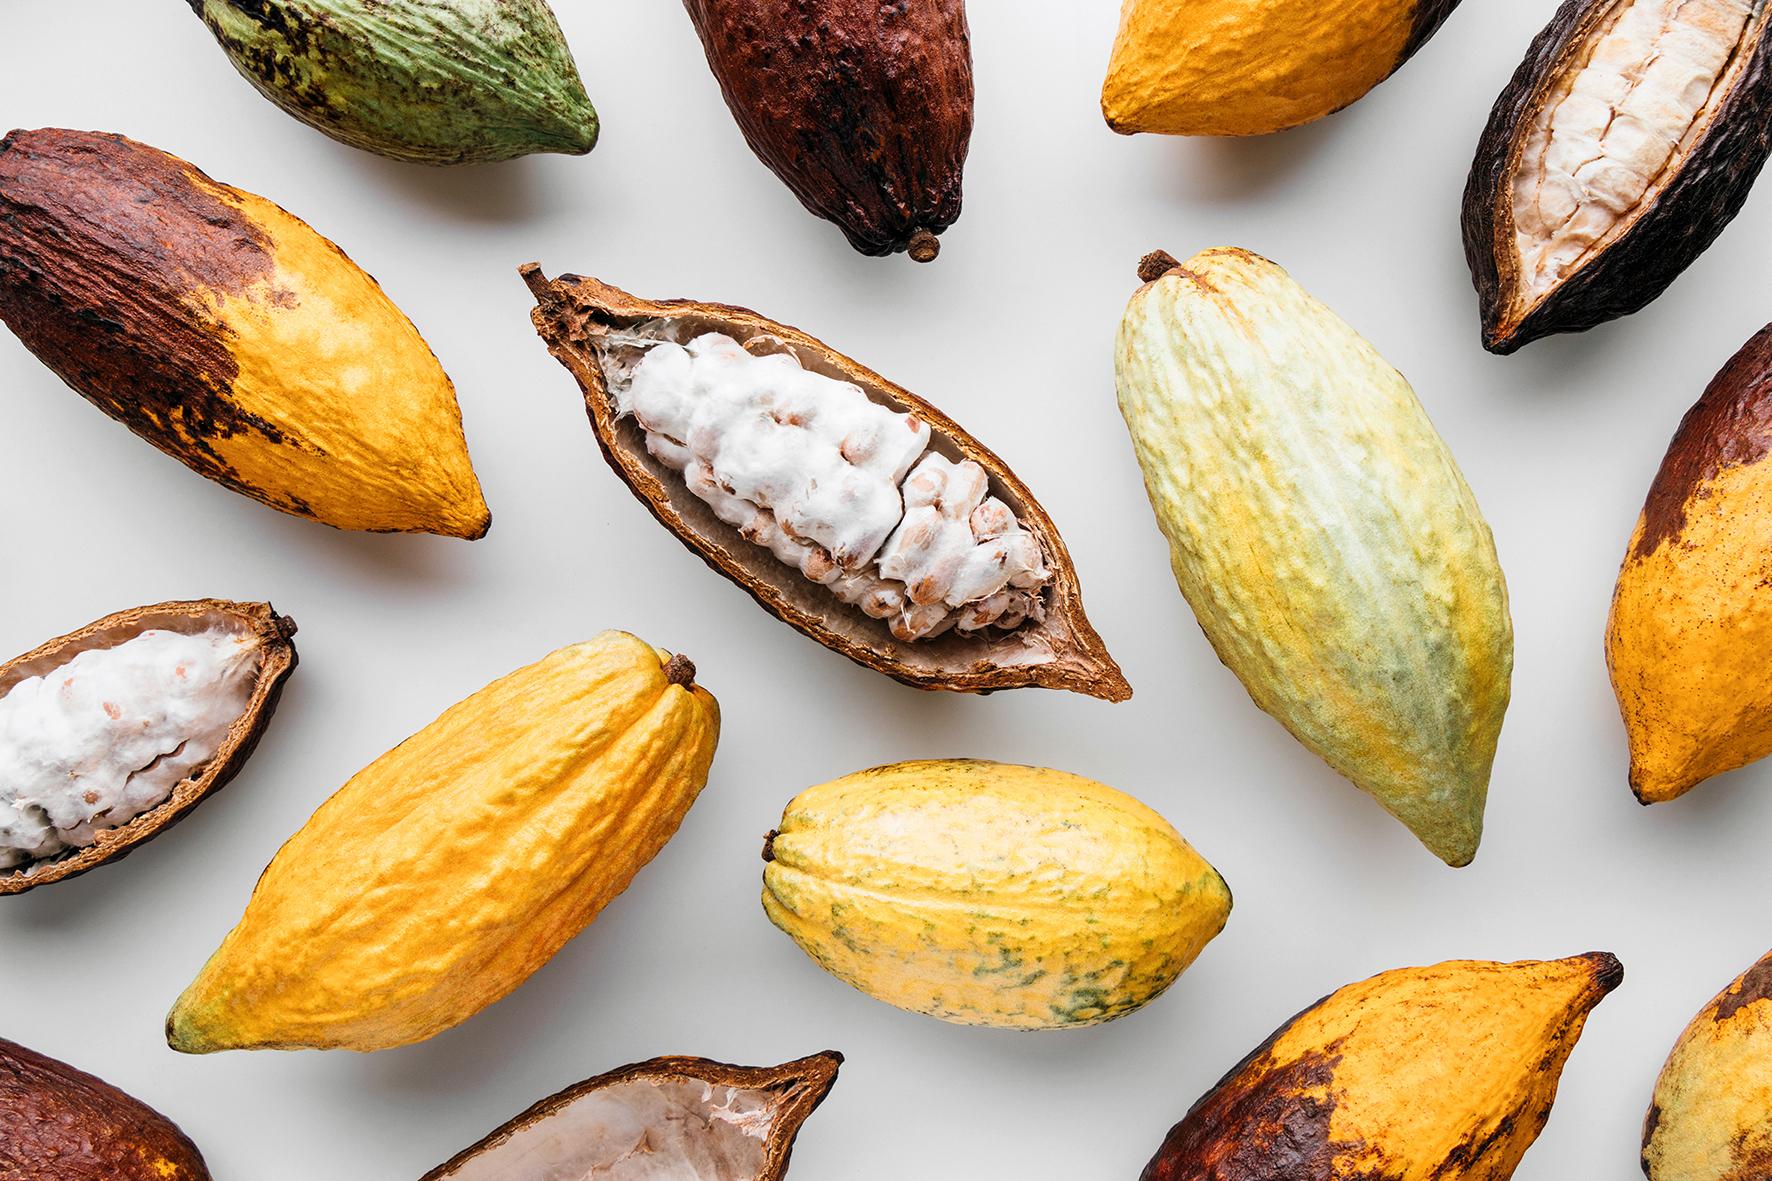 """カカオの""""新たな価値の創造""""を目指すAPeCA、 無農薬野菜×フルーツ×カカオニブが引き立て合う 新感覚のジュース3種を8月14日より期間限定で発売"""